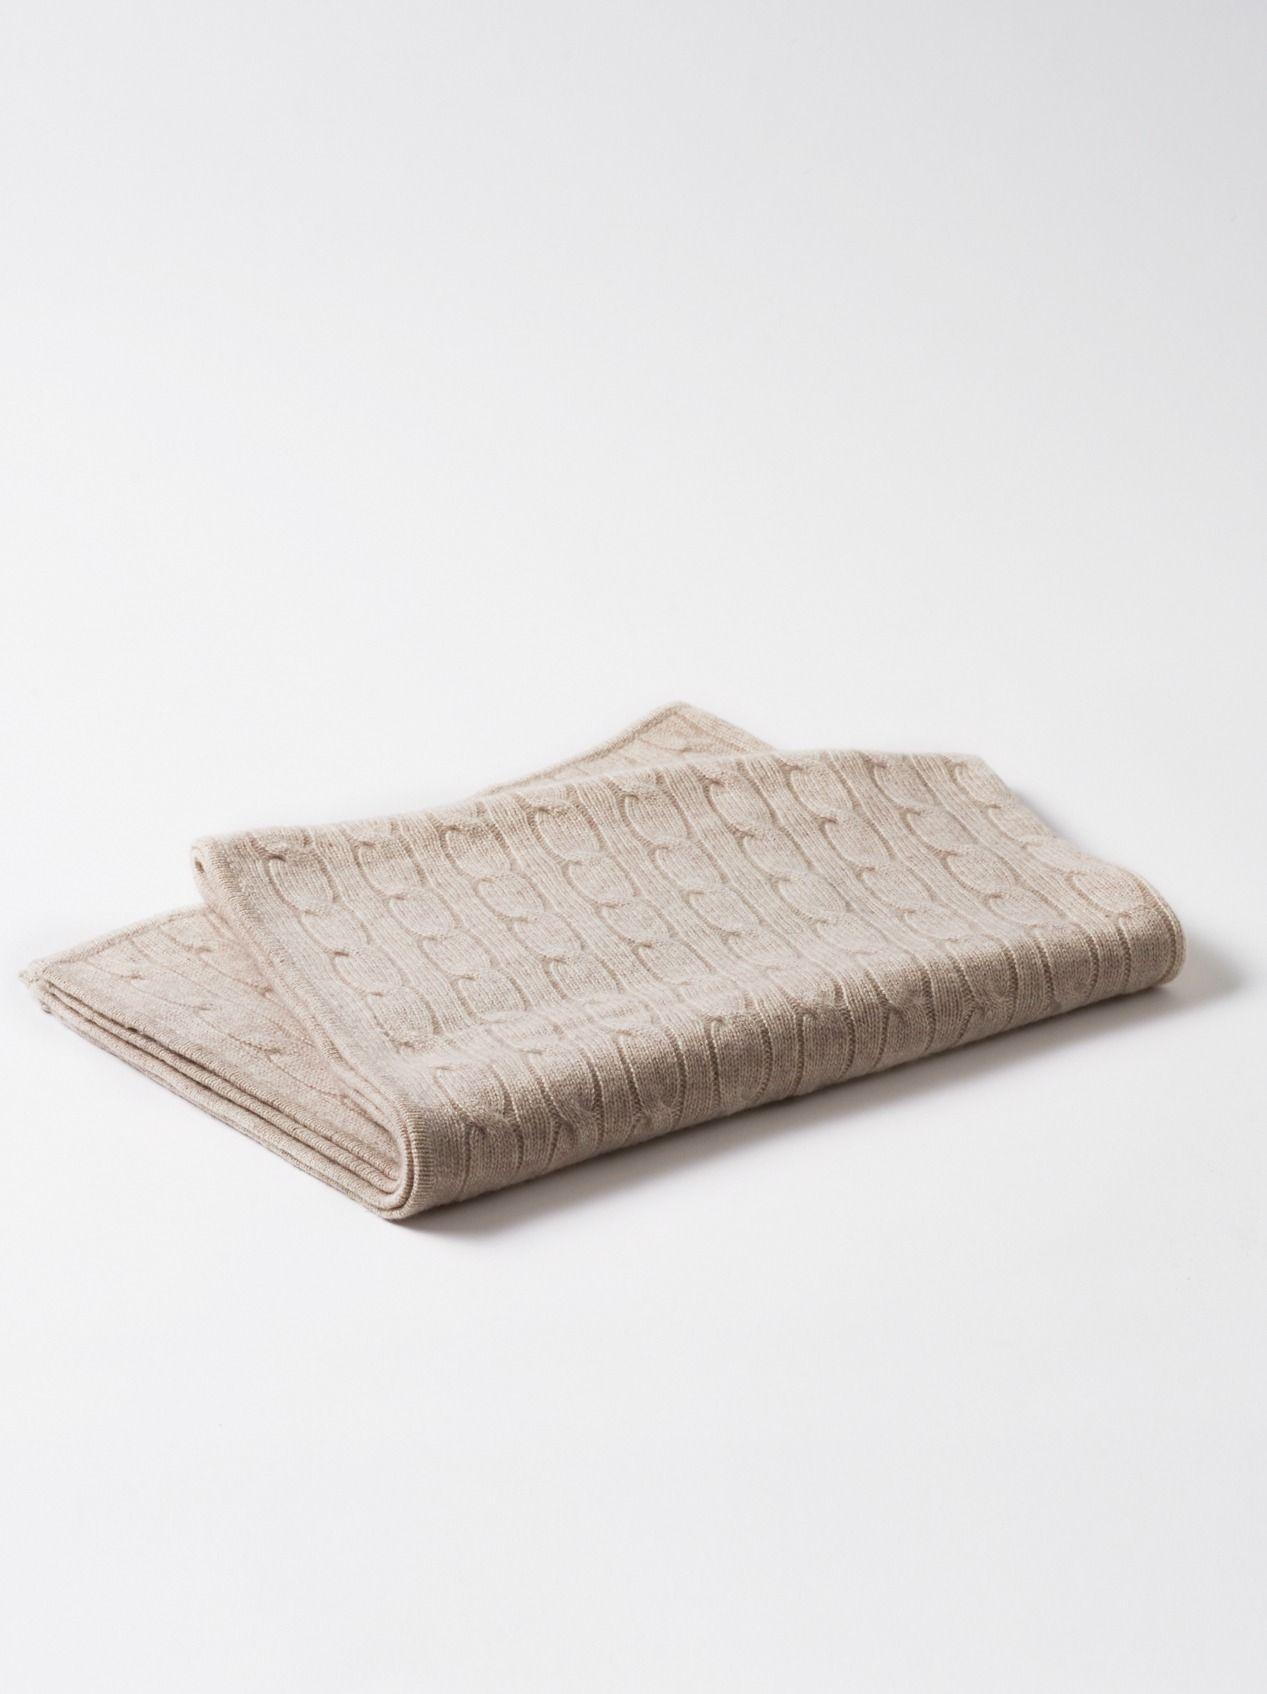 Ryggsäck Sleeping Cutie Accessoarer Köp online på åhlens.se!